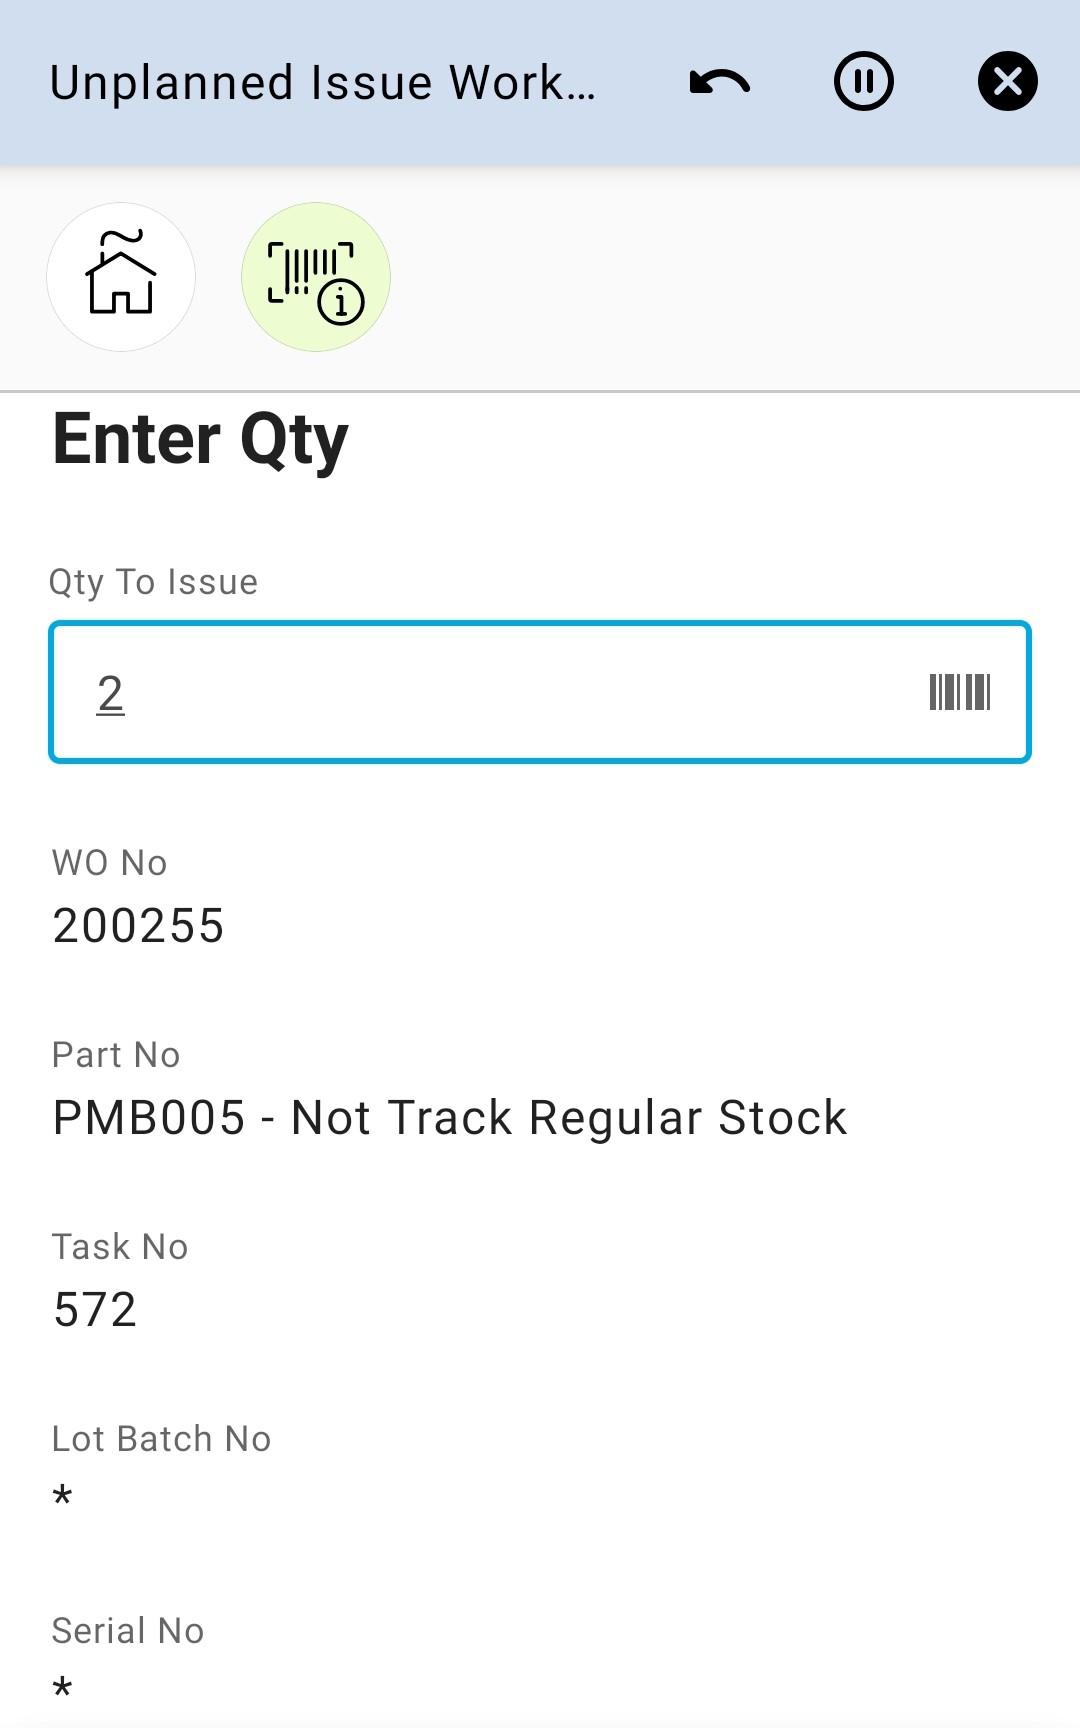 Enter Qty 21